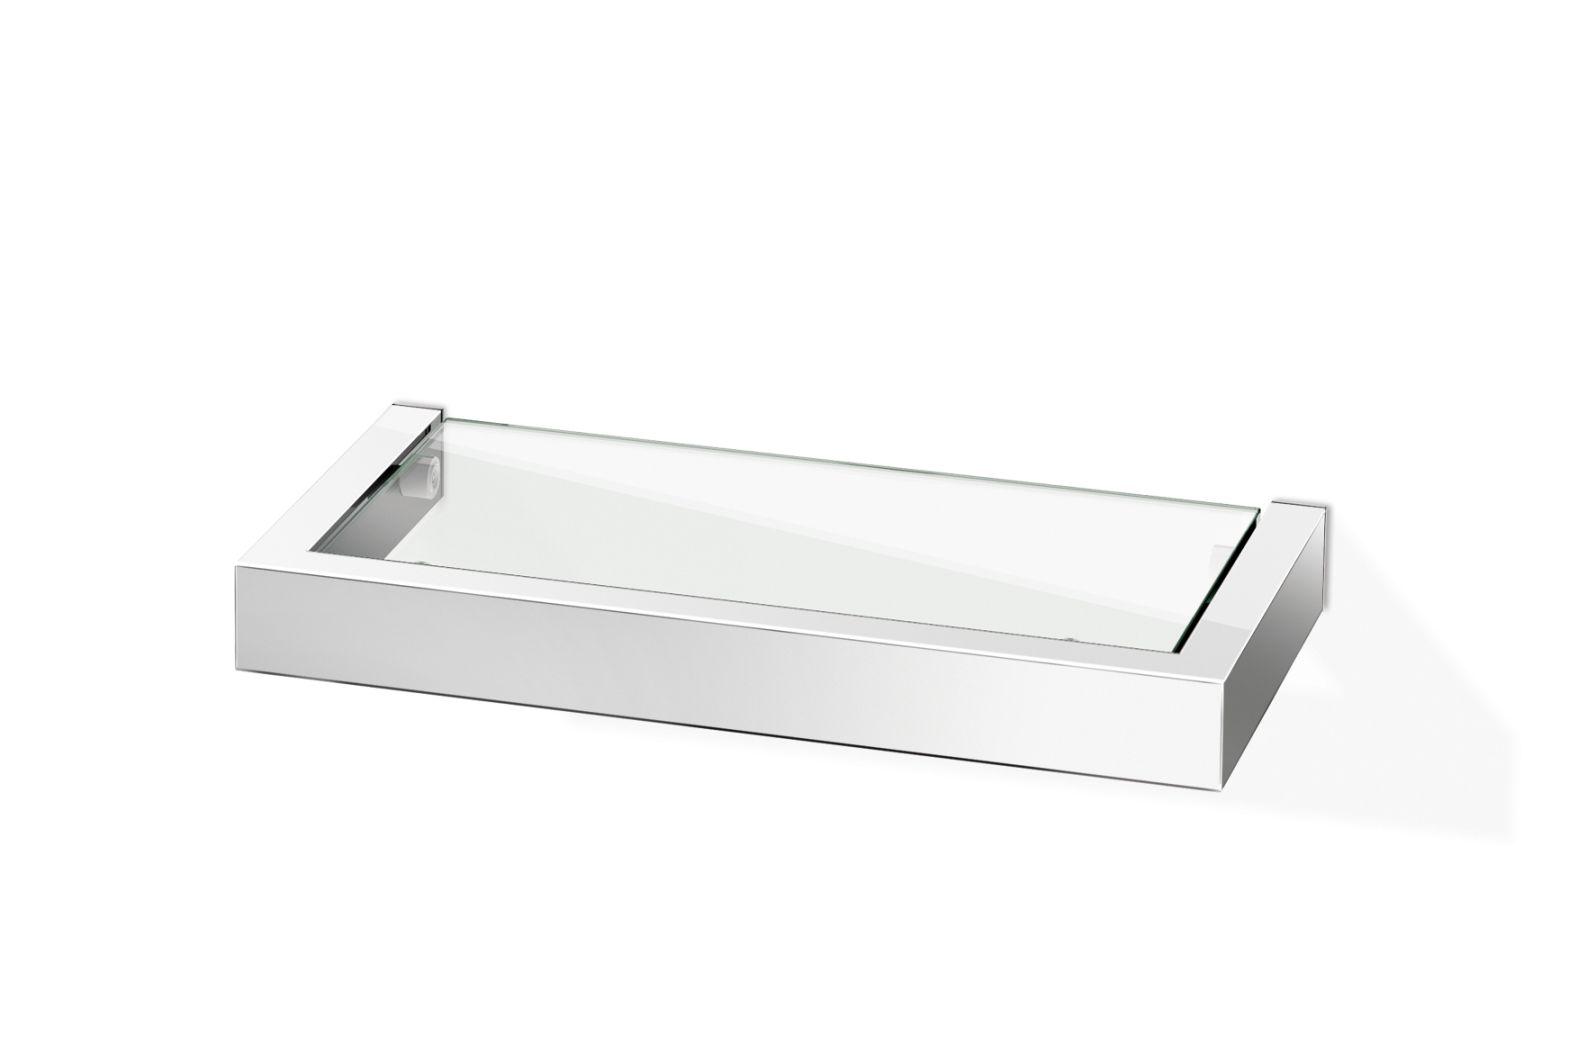 Koupelnová police LINEA, lesklá 26,5 cm - ZACK